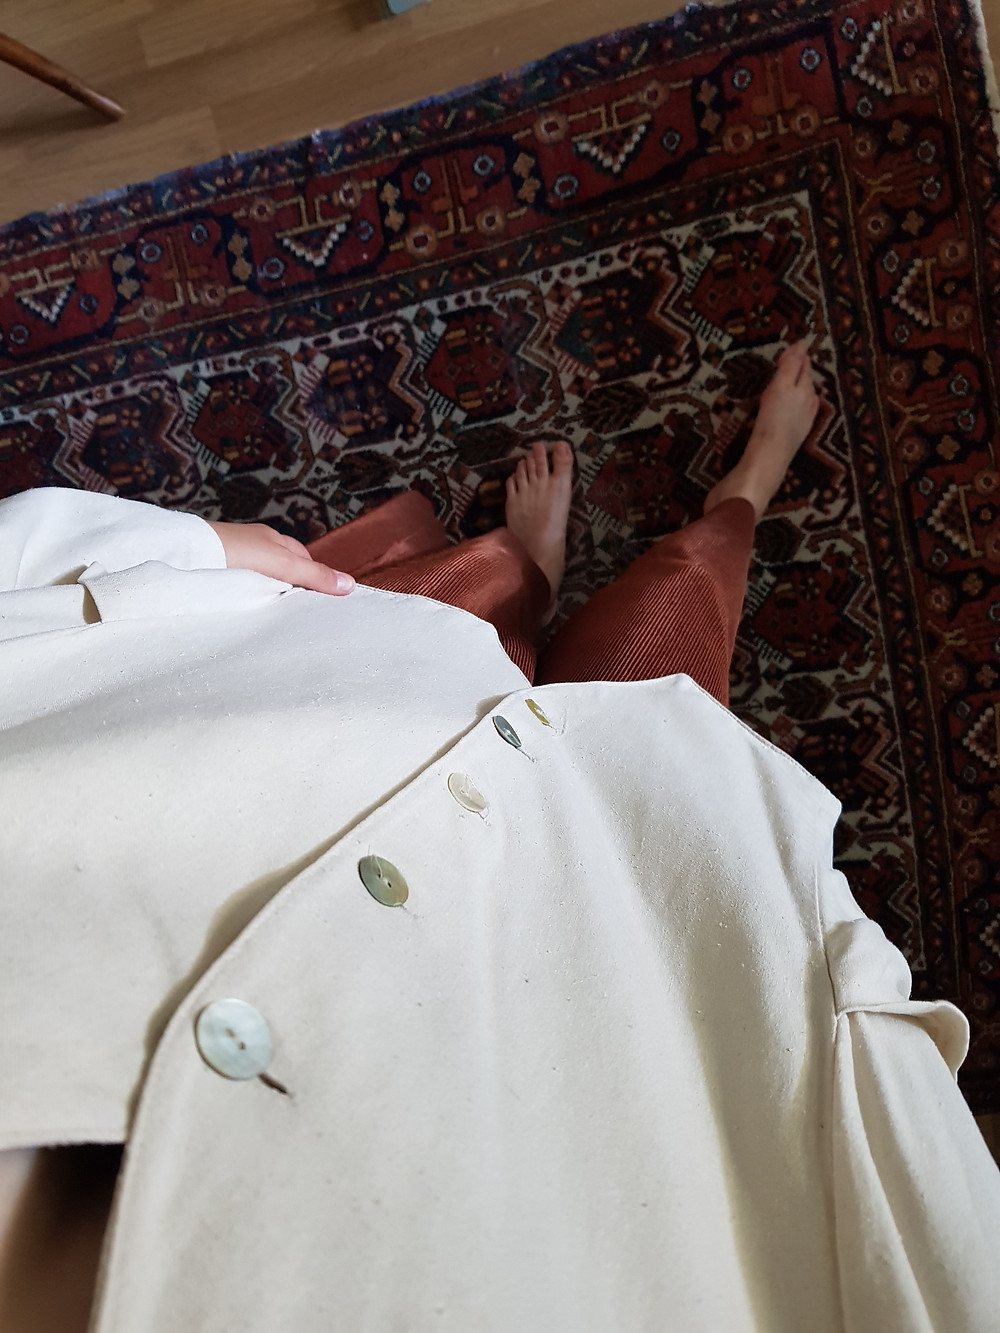 Olen ottanut asukuvan ylhäältä alas kuvaten. Kuvassa näkyy munasävyinen itämainen matto ja päälläni on samat oranssit housut ja valkoinen bleiseri kuin edellisessä kuvassa.